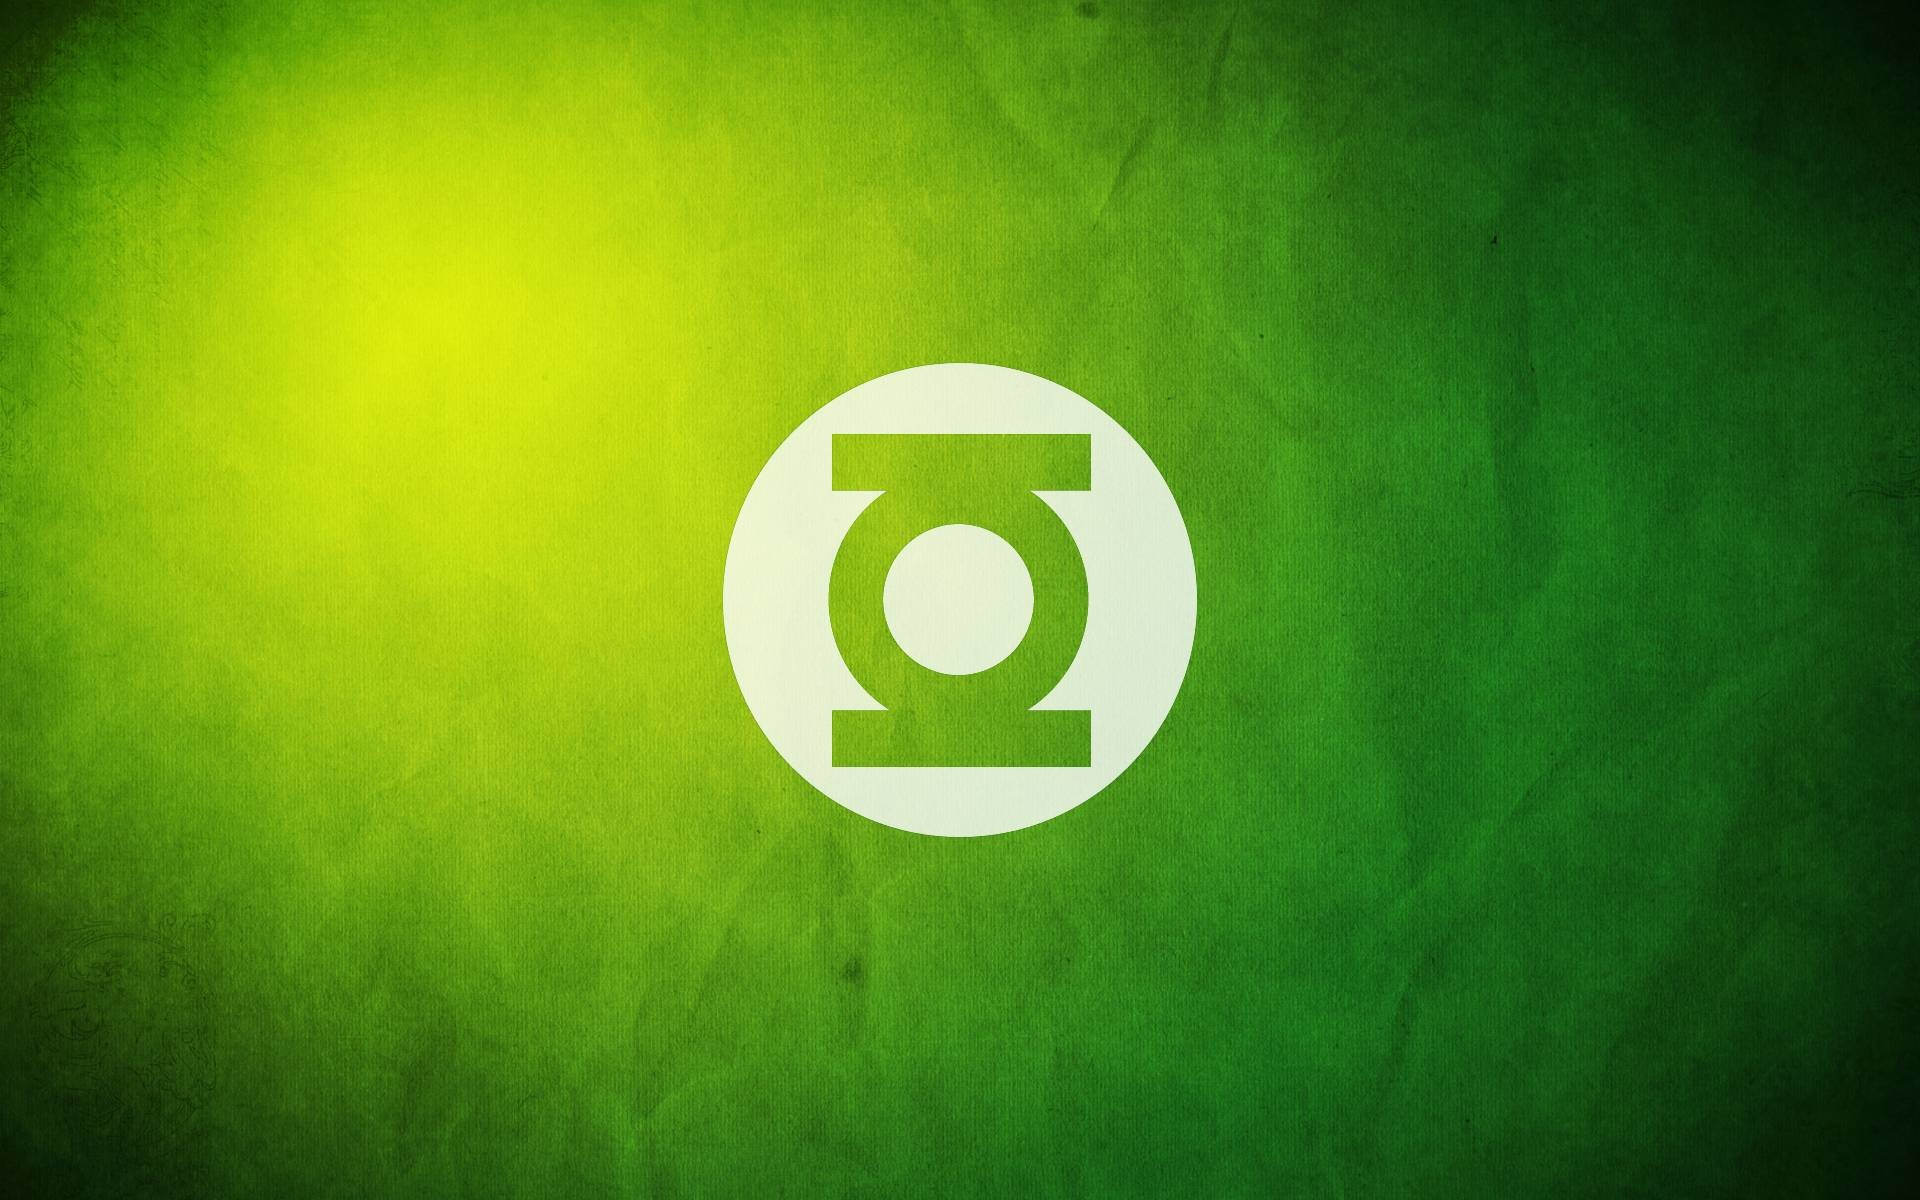 Green Lantern Logo Wallpaper 23536 px ~ HDWallSource.